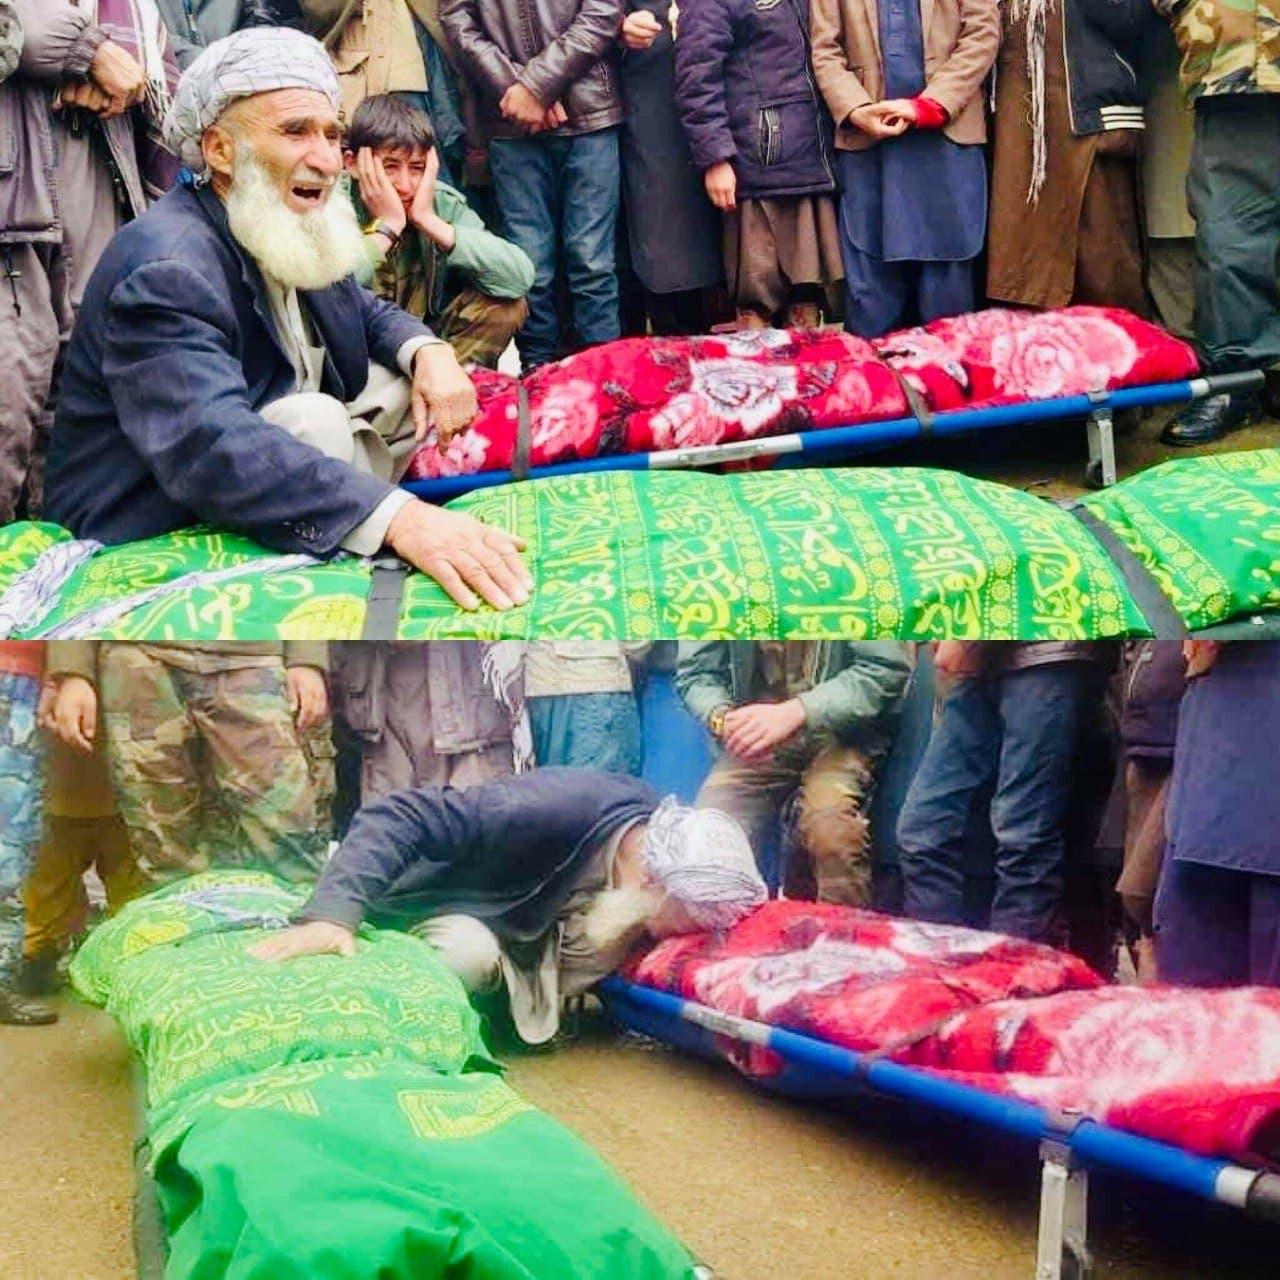 bismillah Adel's family shot death by gunmen